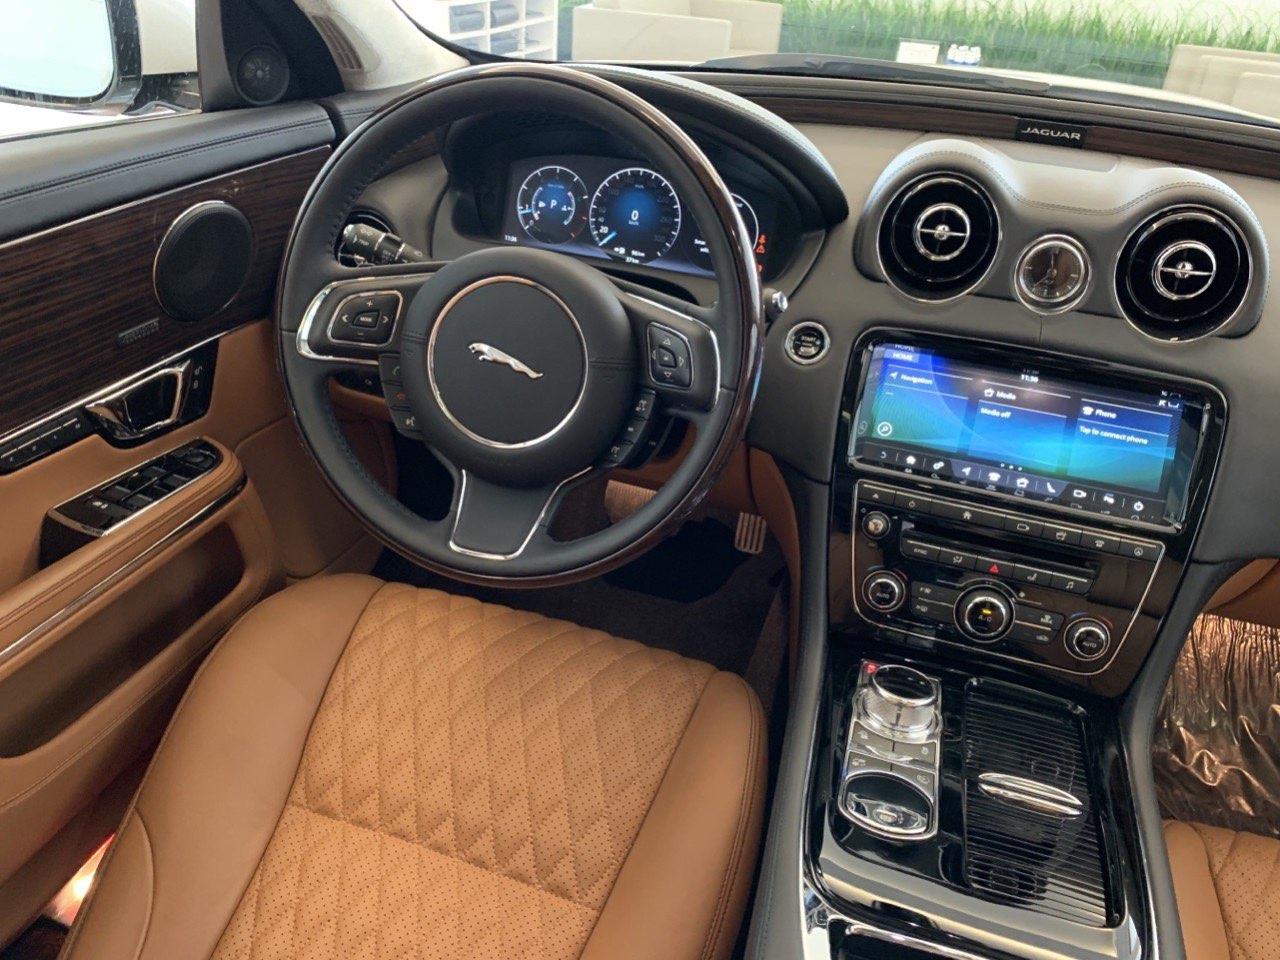 bên trong nội thất jaguar xjl màu nâu da bò rất sang trọng